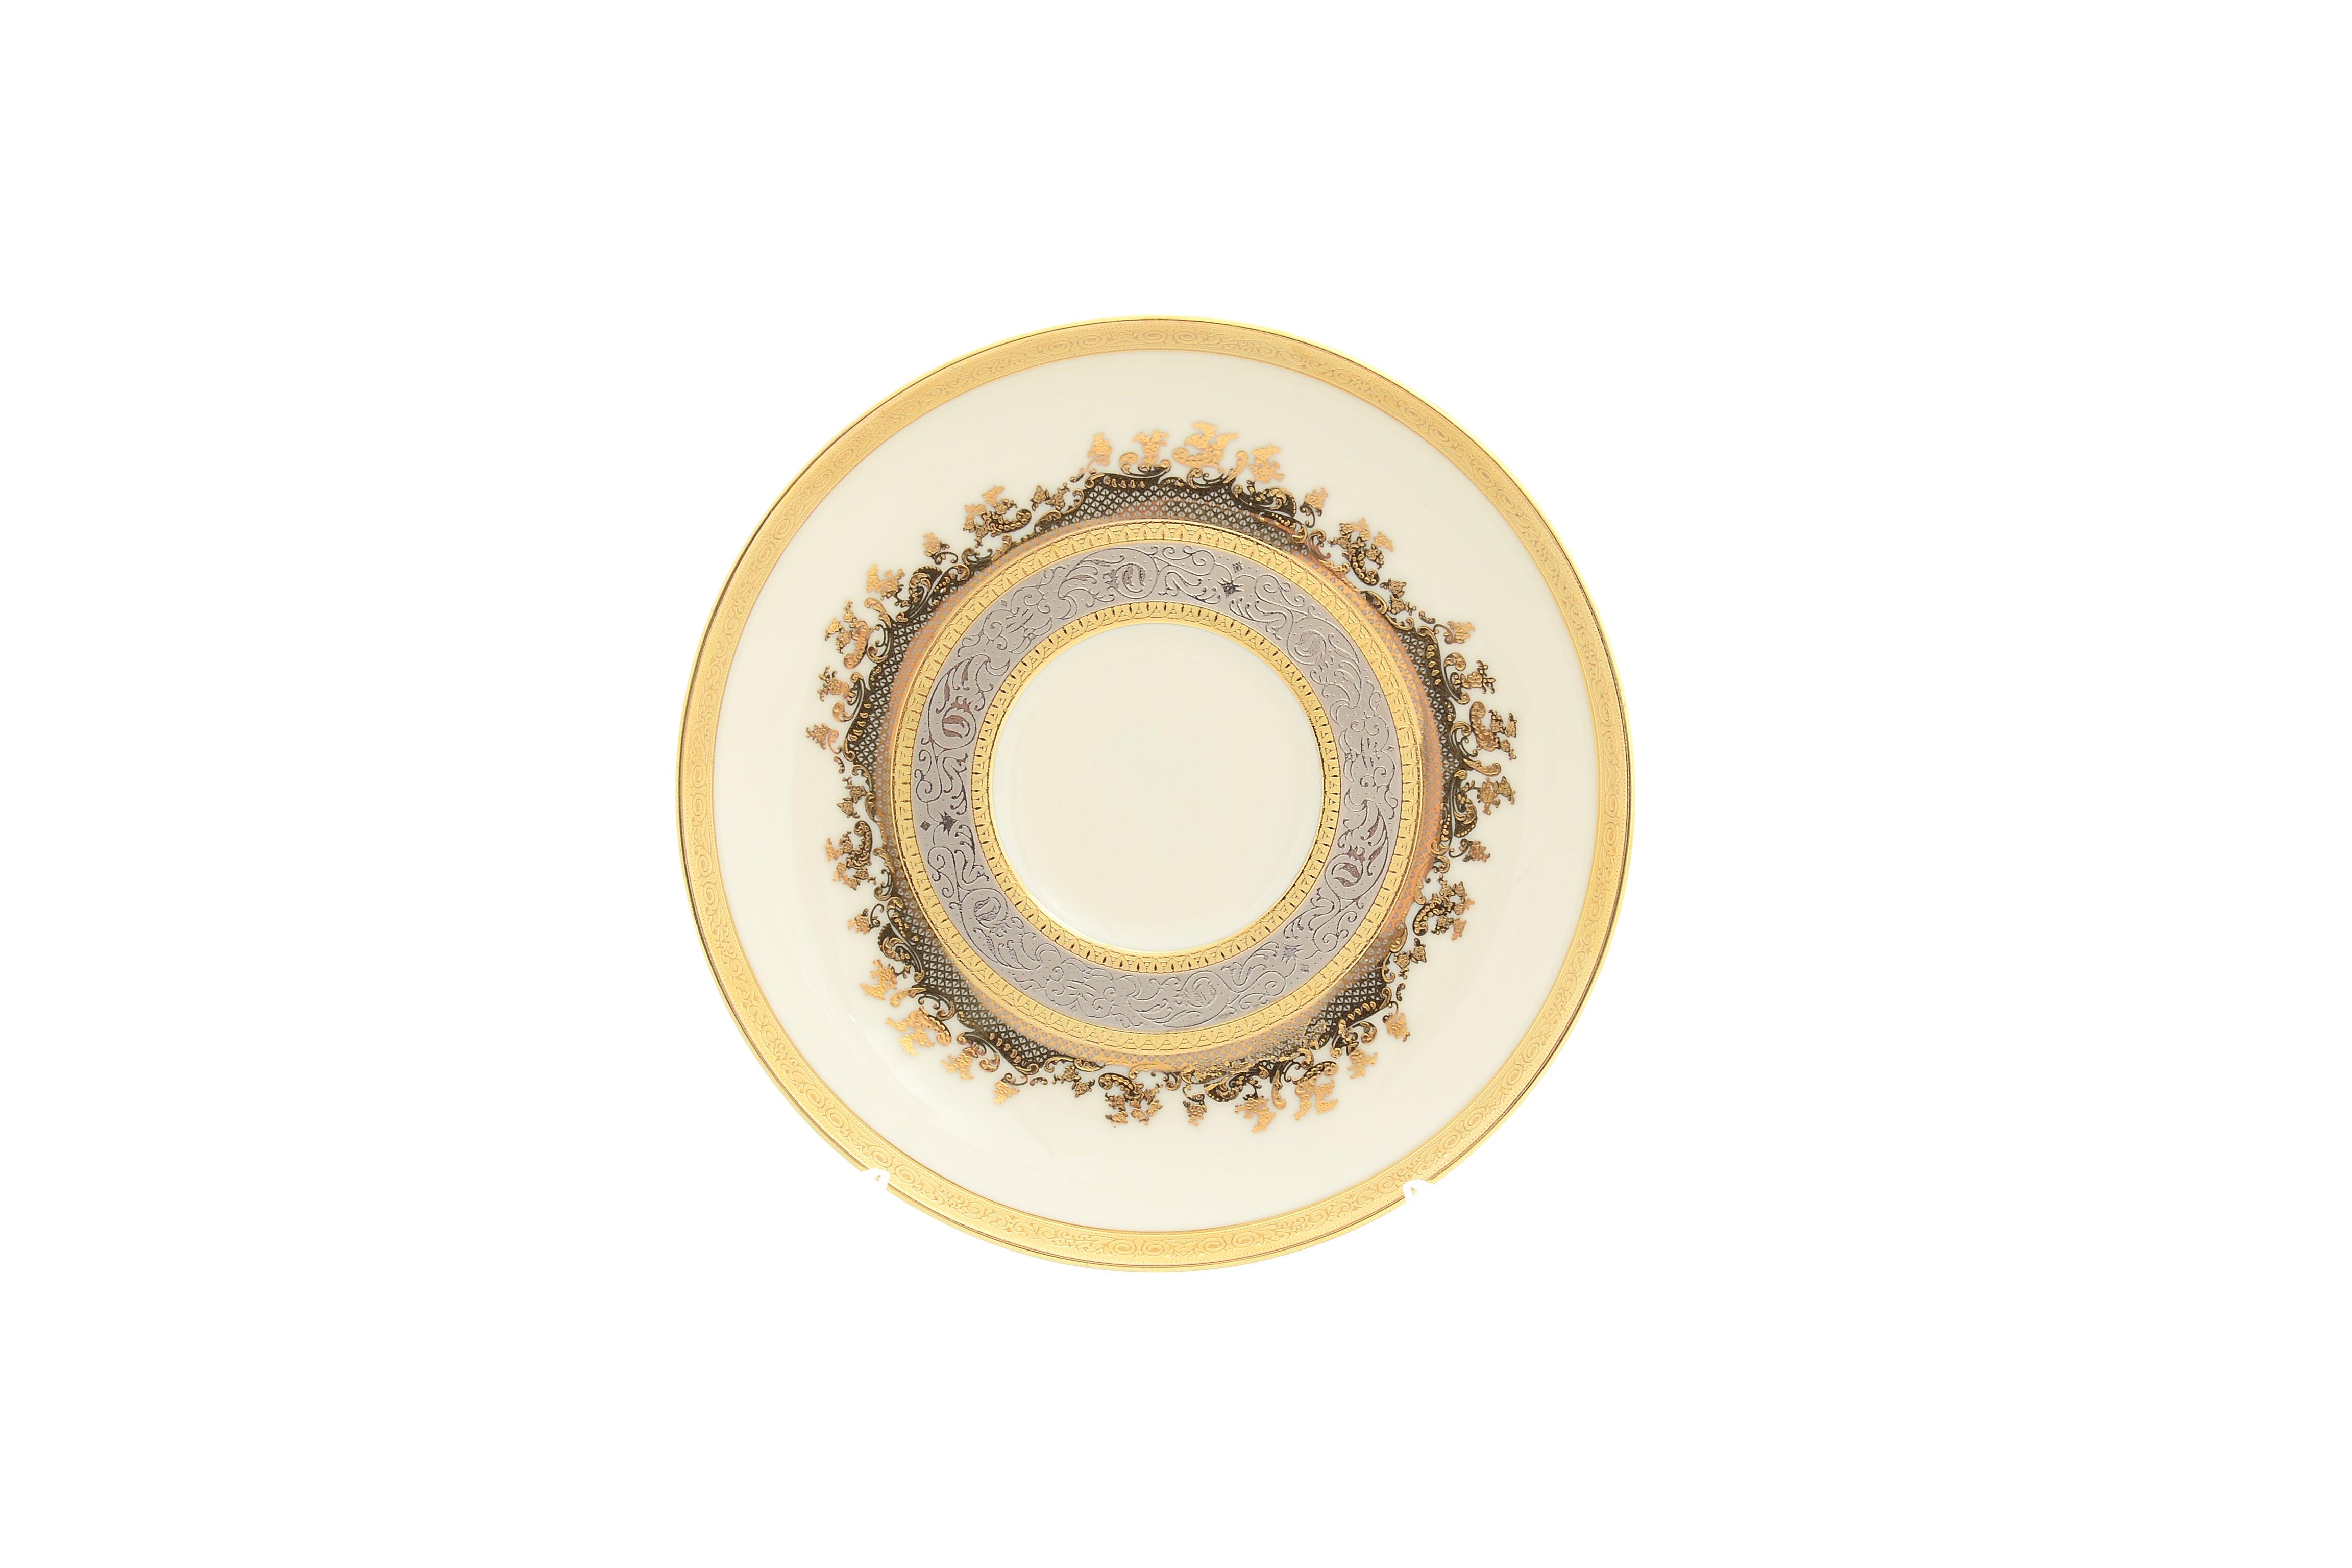 Блюдца CREAM GOLD 9320 от Falkenporzellan